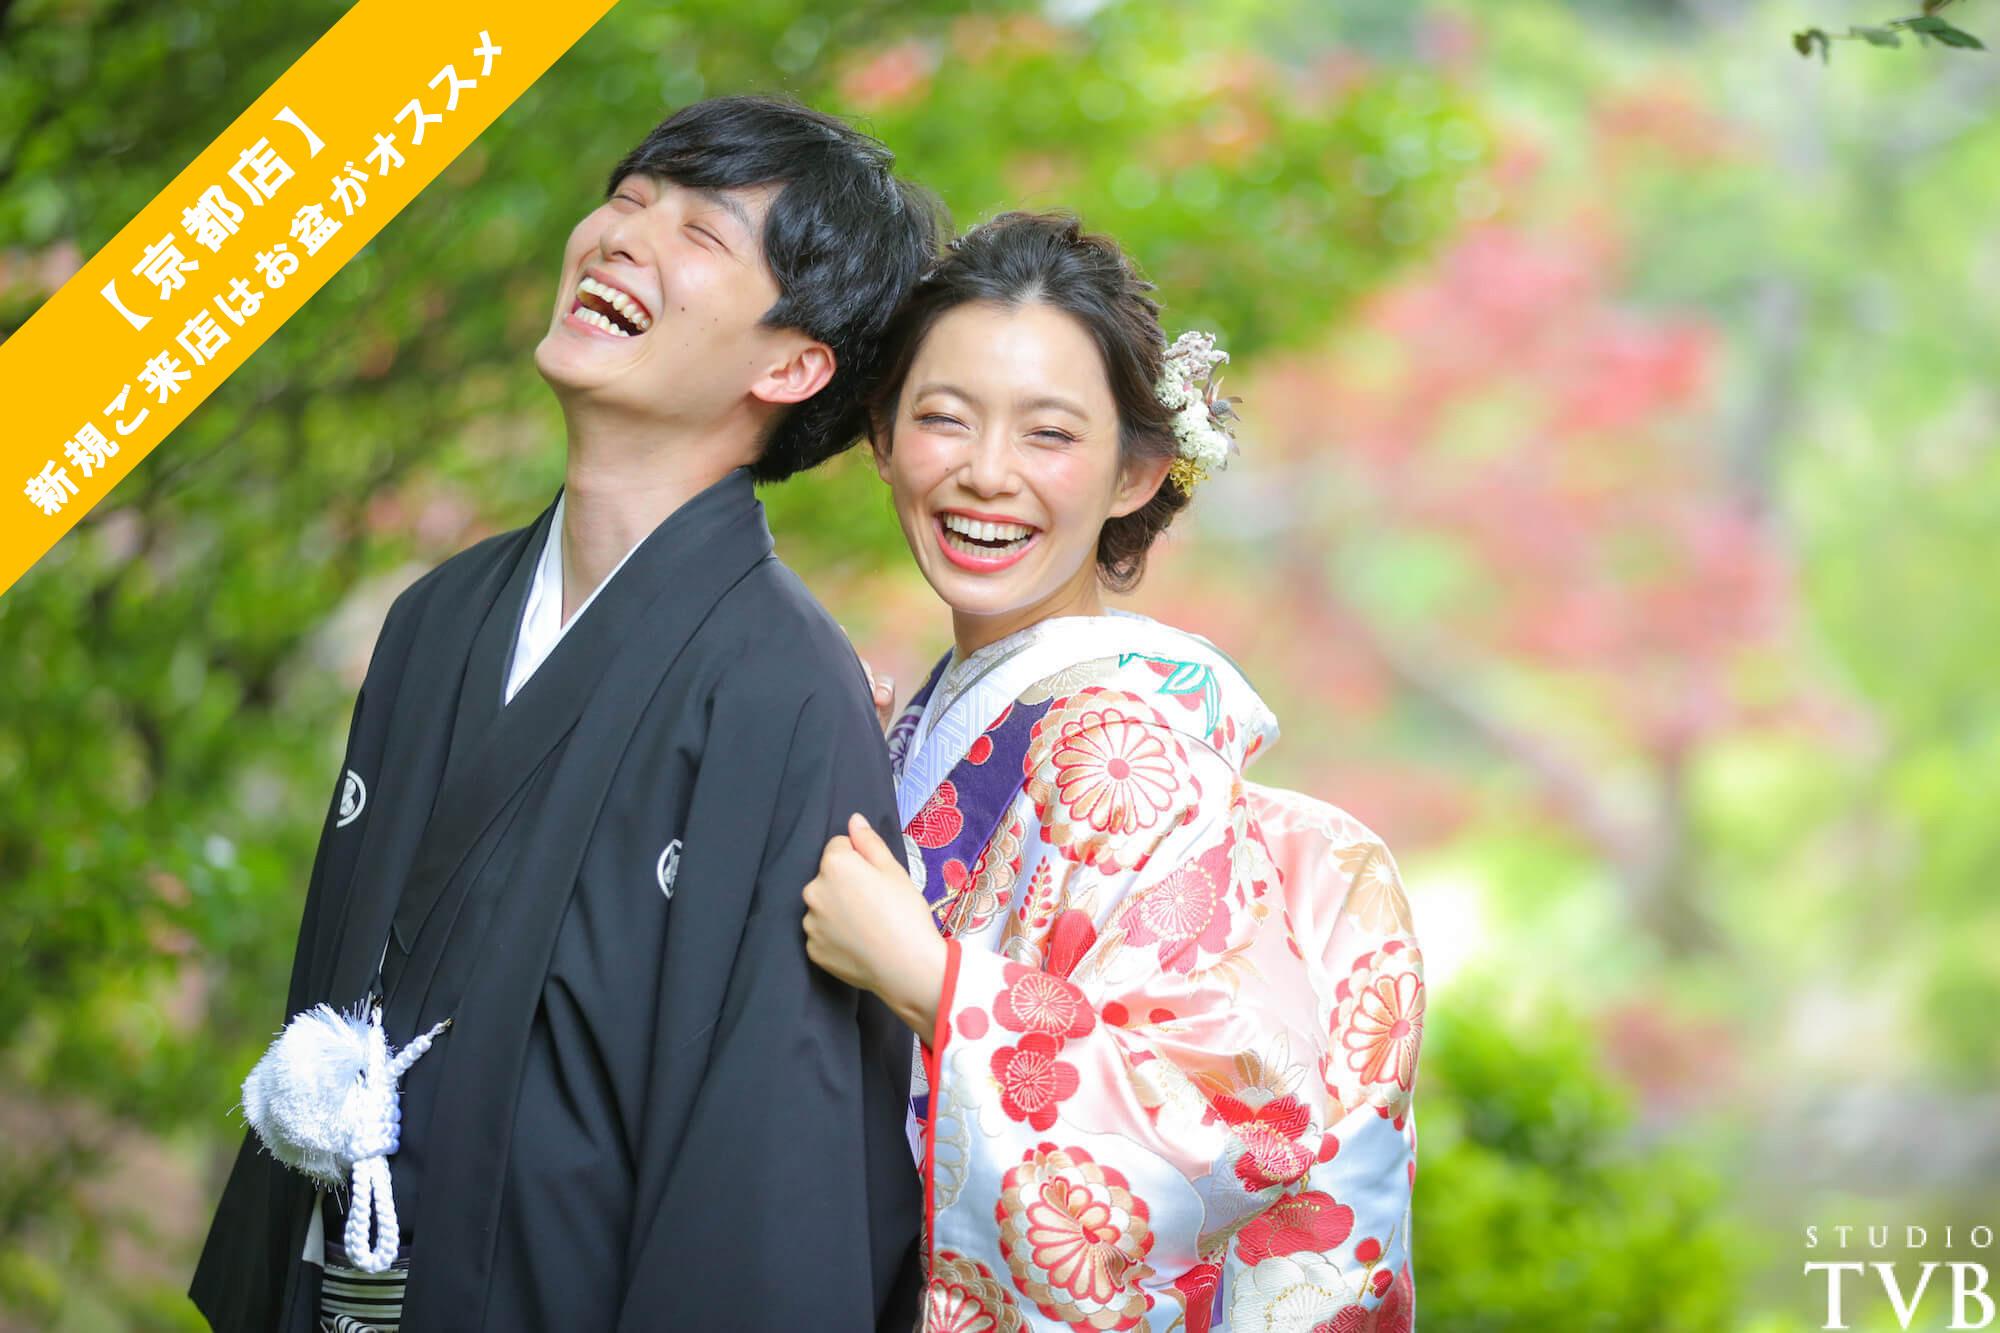 新規ご相談会はお盆(8/10~18)がオススメ!!!